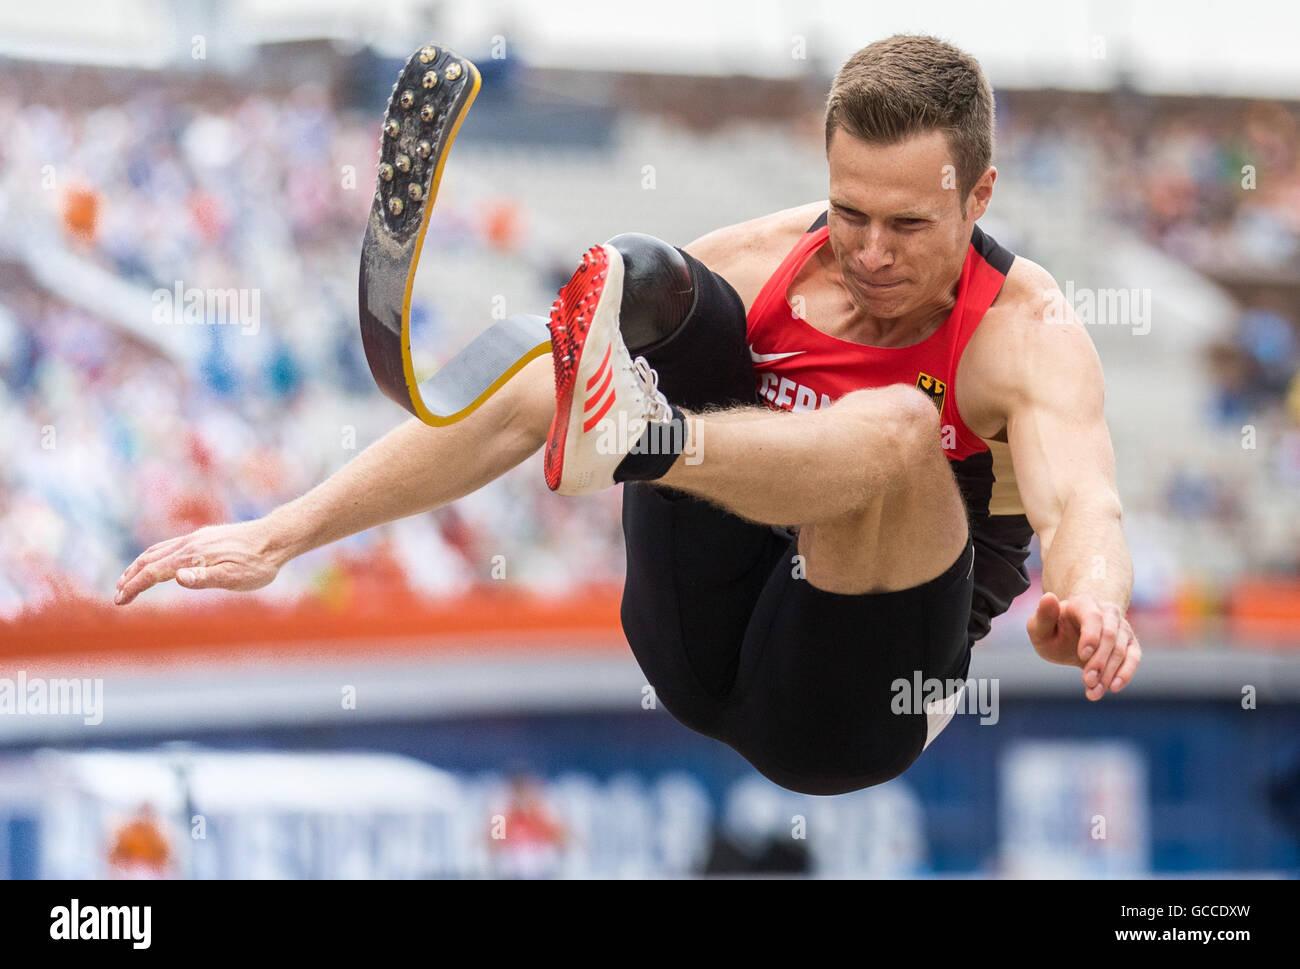 Amsterdam, Paesi Bassi. 9 Luglio, 2016. Amsterdam, Paesi Bassi. 09 Luglio, 2016. La Germania Markus Rehm compete Immagini Stock